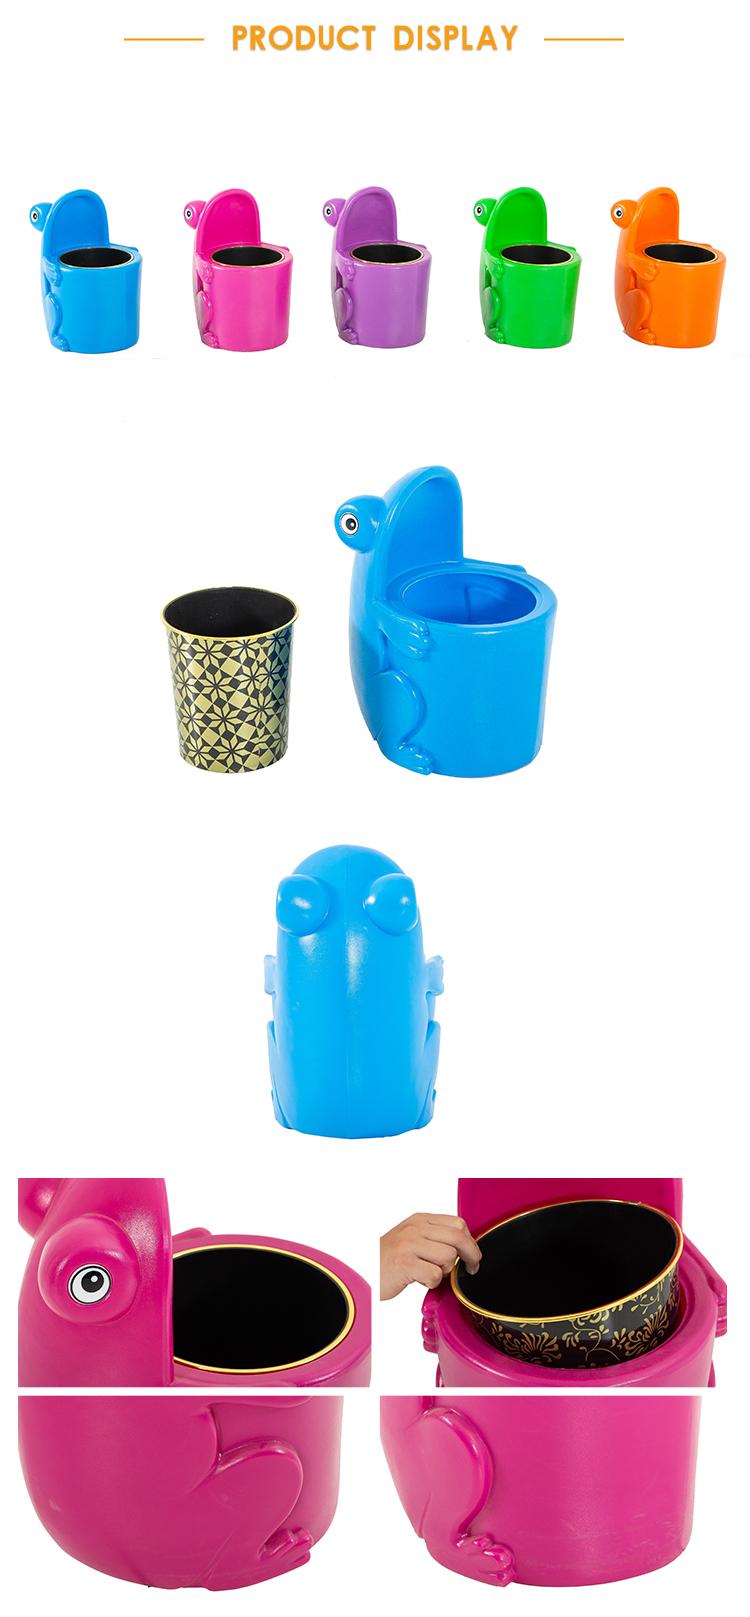 Ontwerp Kinderen Indoor Plastic Speelgoed Cartoon Dier Kikker Mini Vuilnisbakken